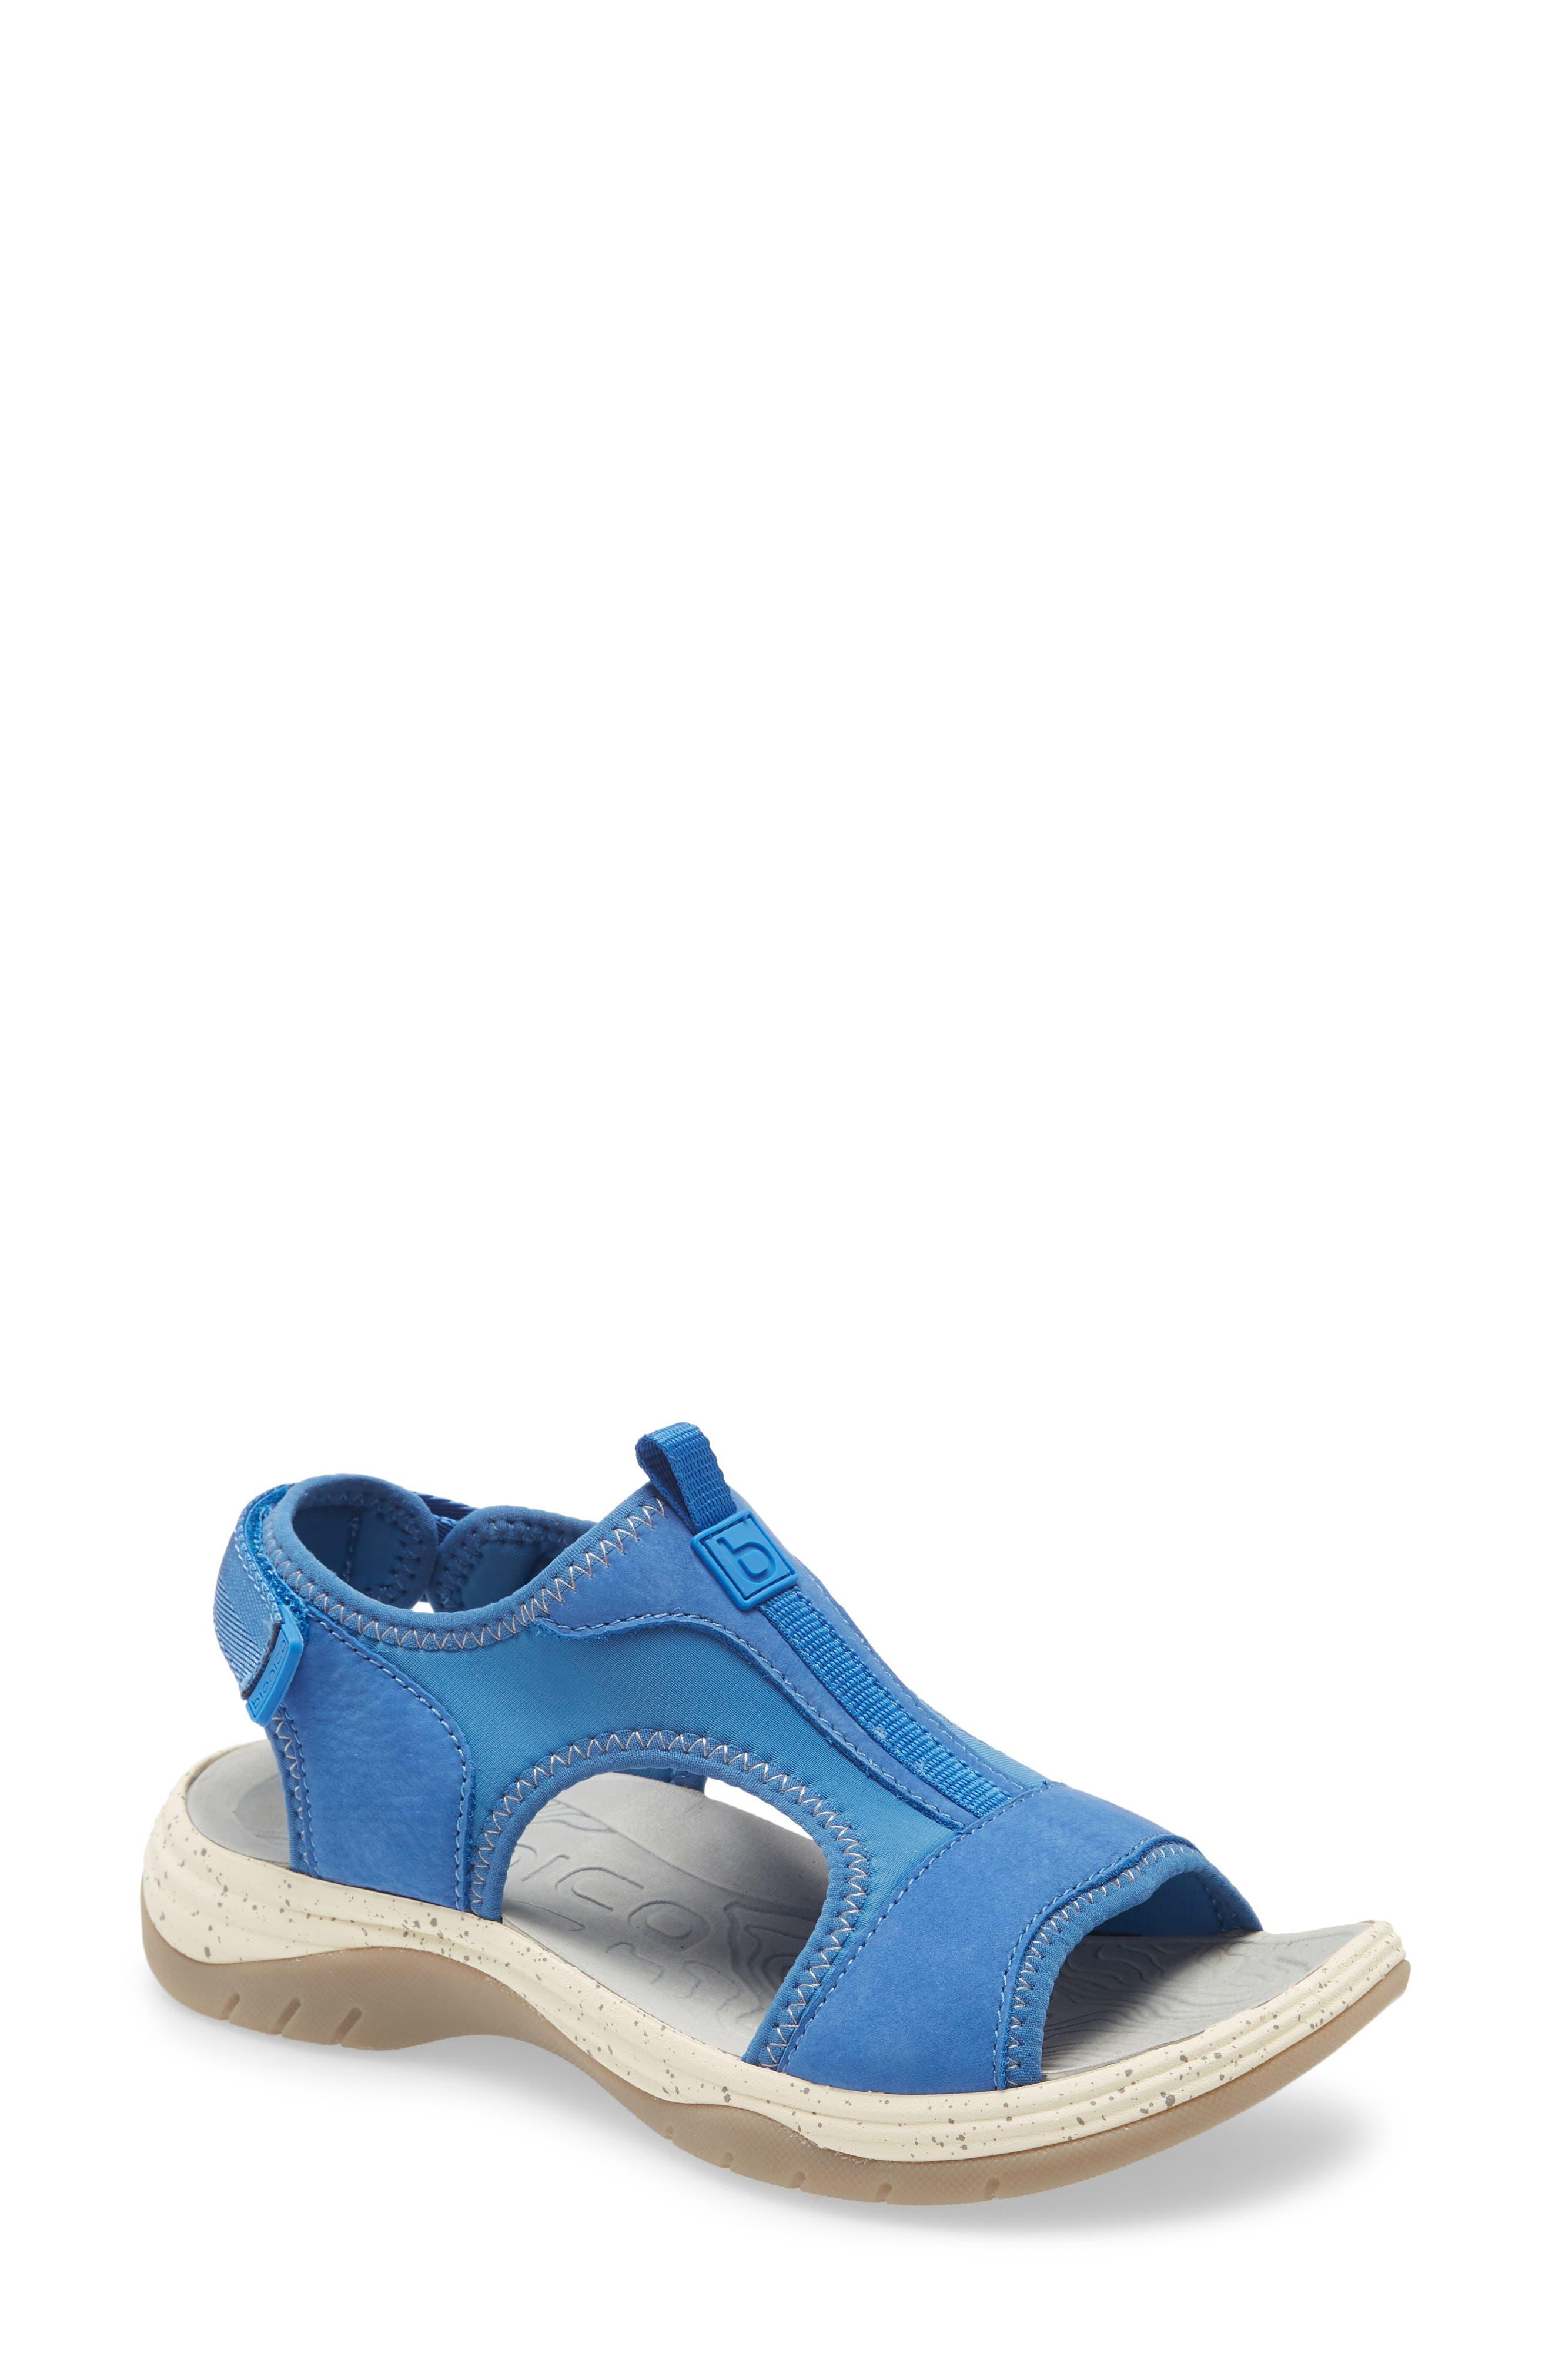 Women's Bionica Niagra Water Friendly Sport Sandal, Size 10 M - Blue